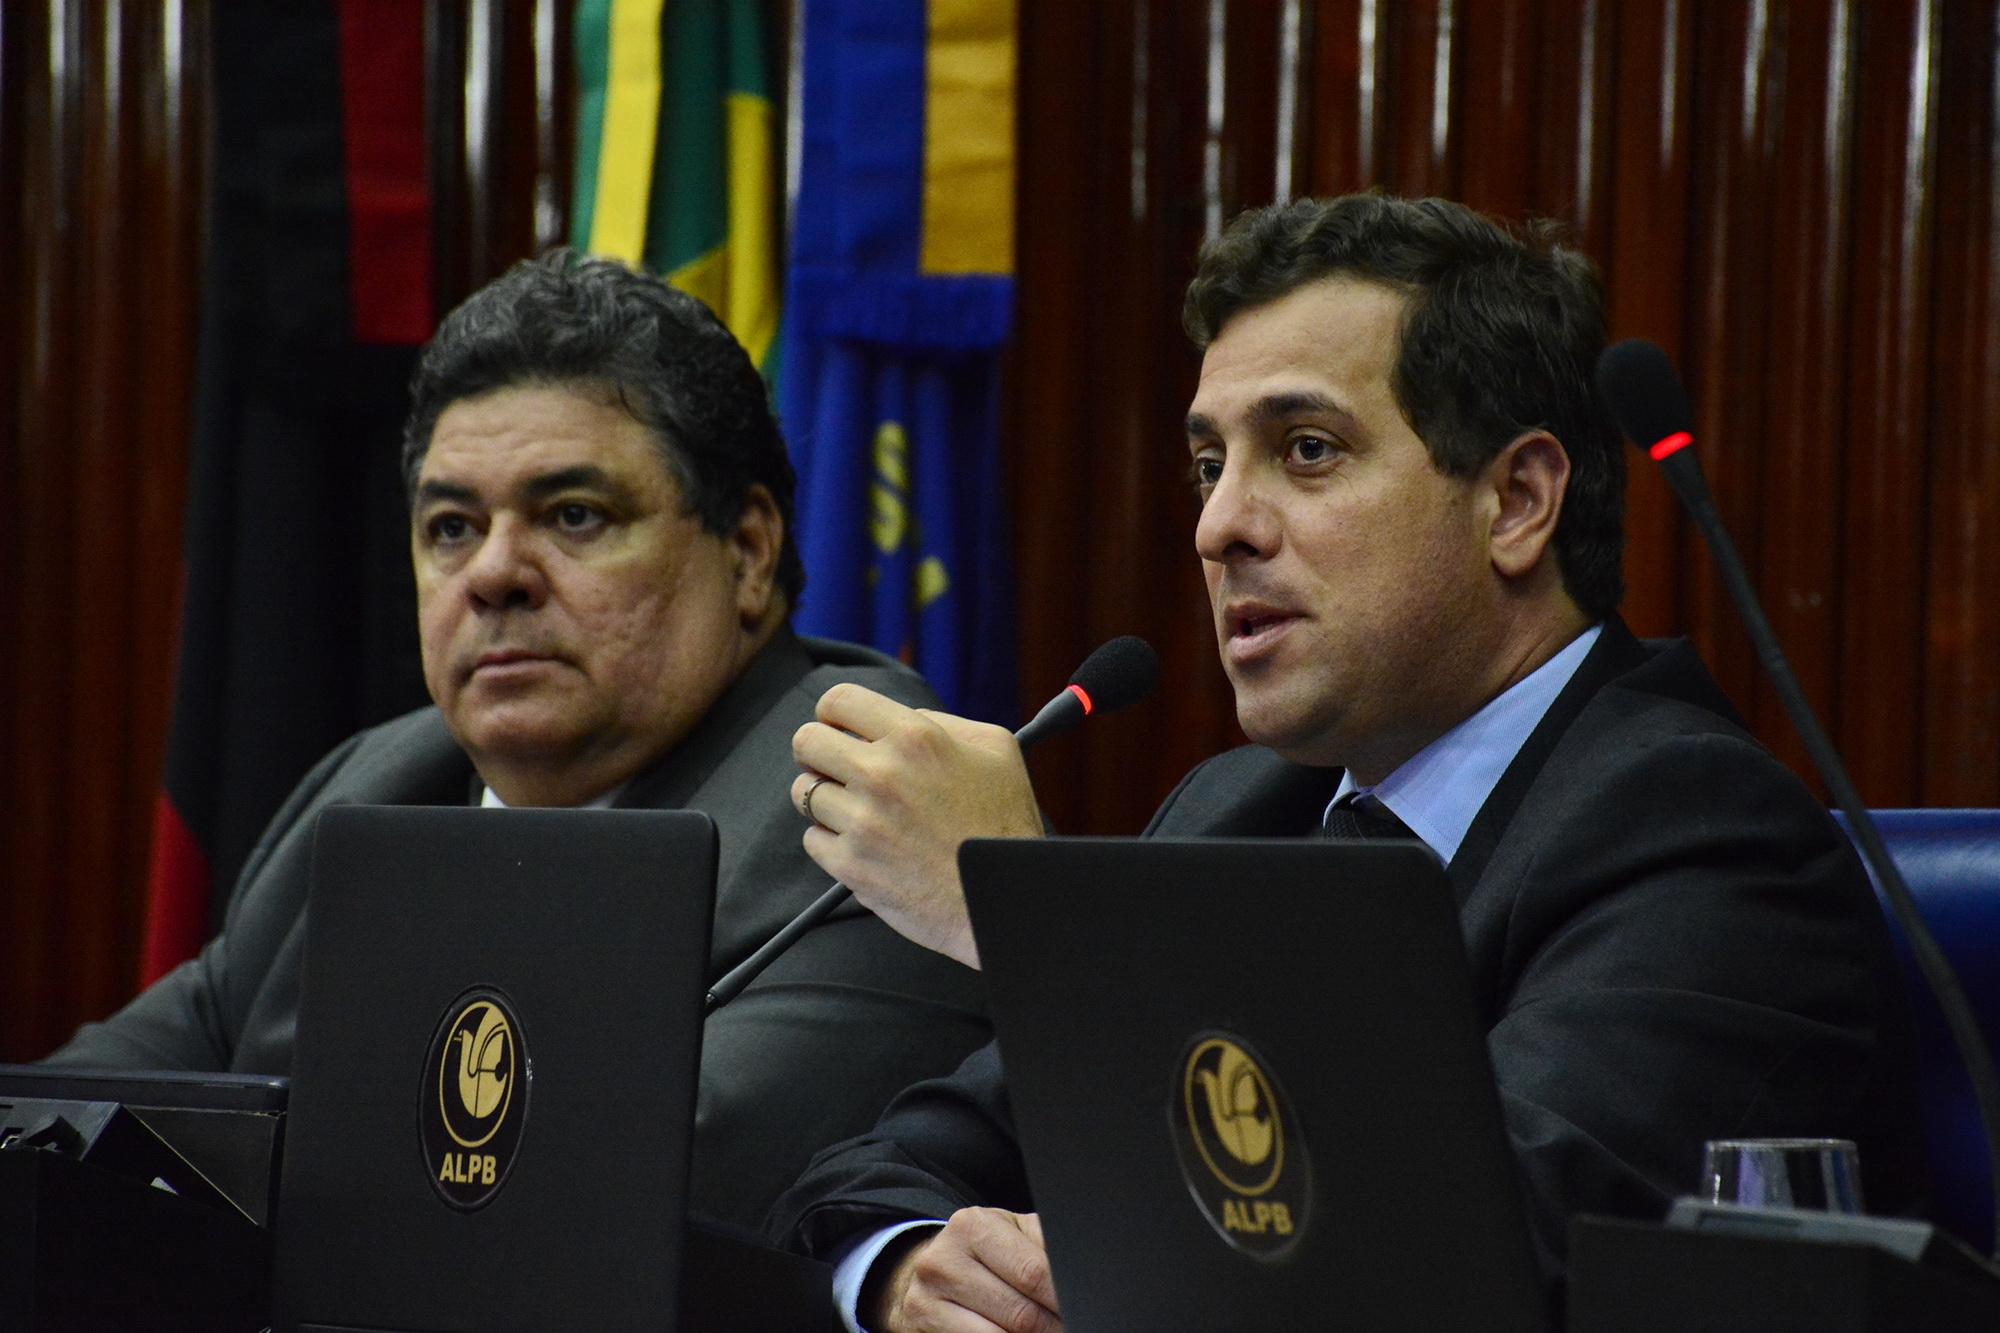 Gervásio reivindica debate em Defesa da Chesf no Congresso Nacional